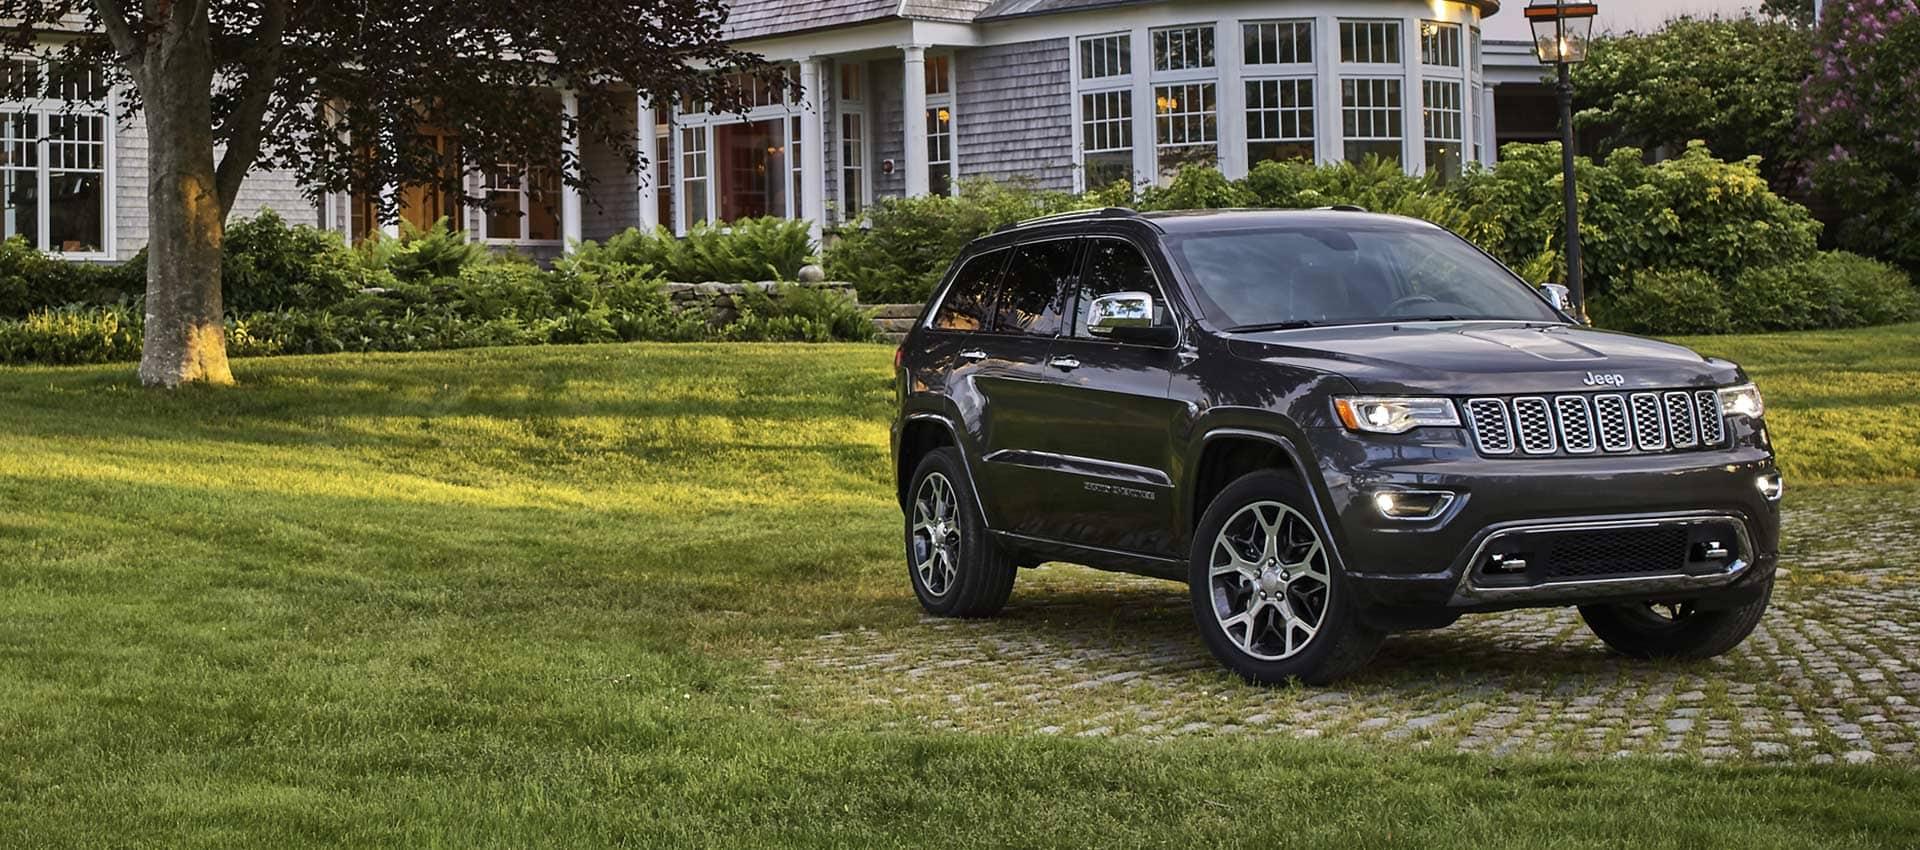 El Jeep Grand Cherokee Overland 2021 estacionado frente a una casa majestuosa.